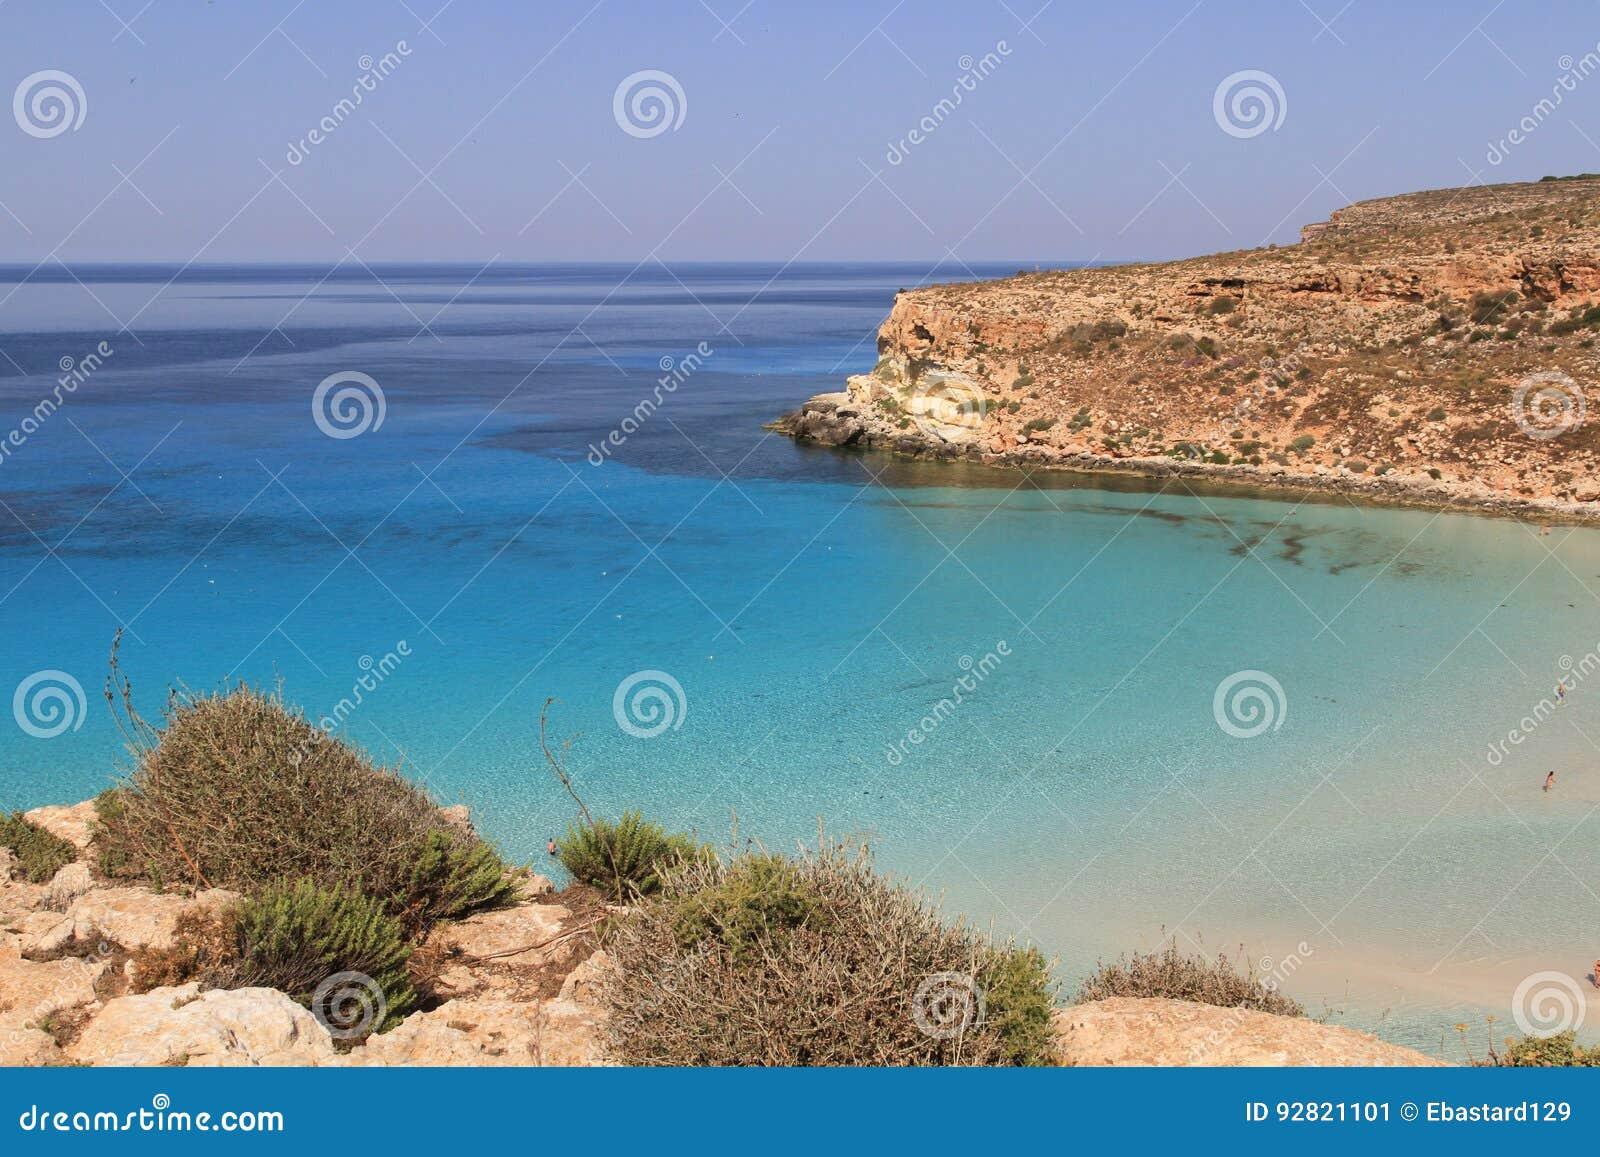 Ren kristallisk vattenyttersida runt om en ö - Lampedusa, sic